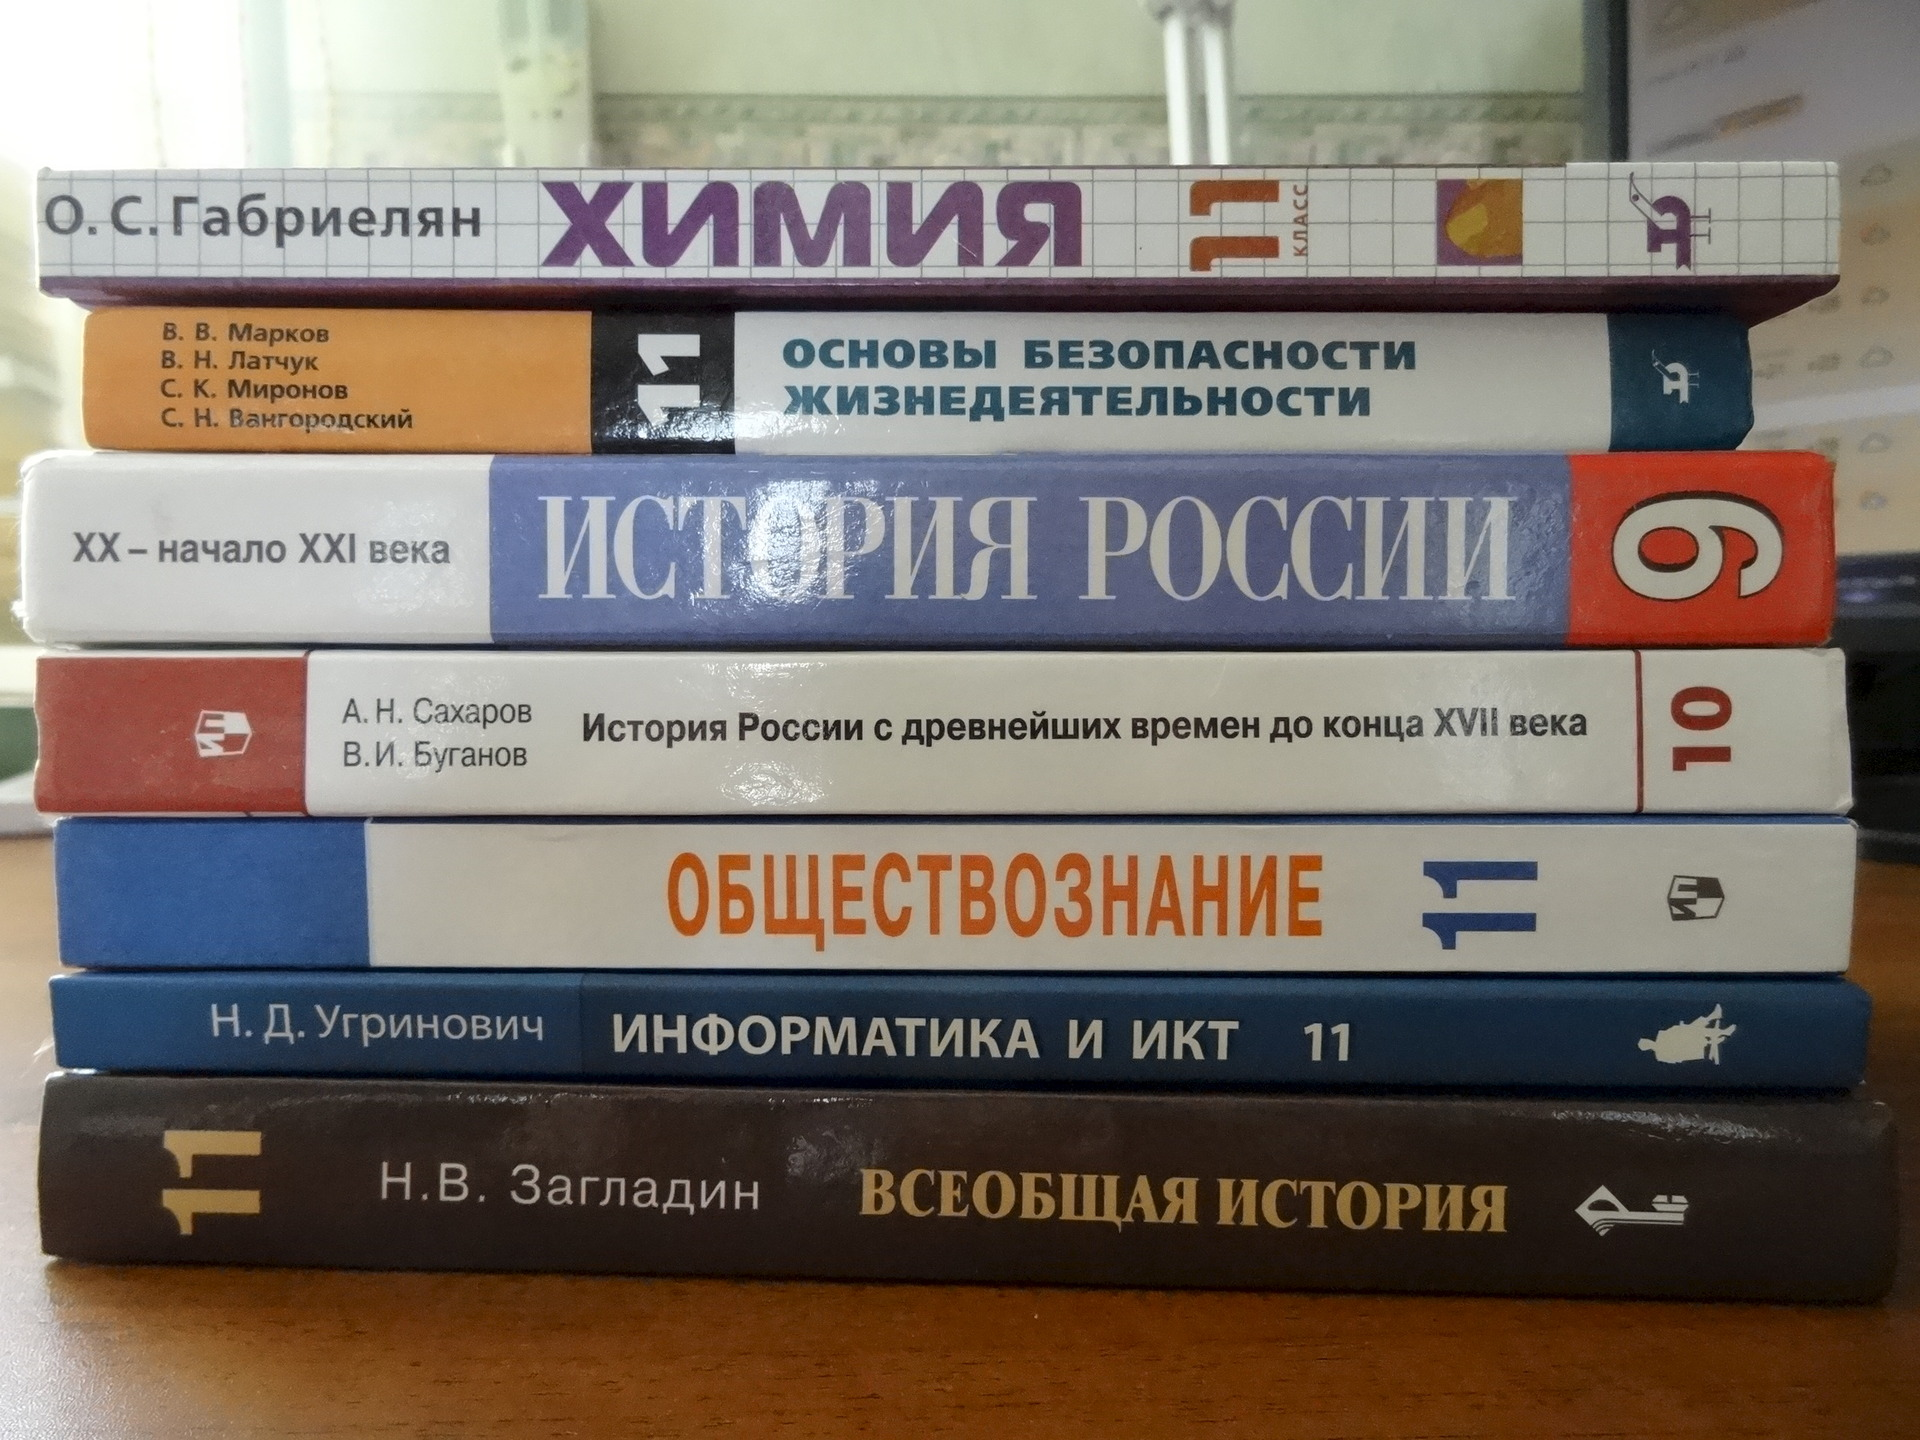 издательство дрофа 2008 год билеты и ответы по географии 9 класс